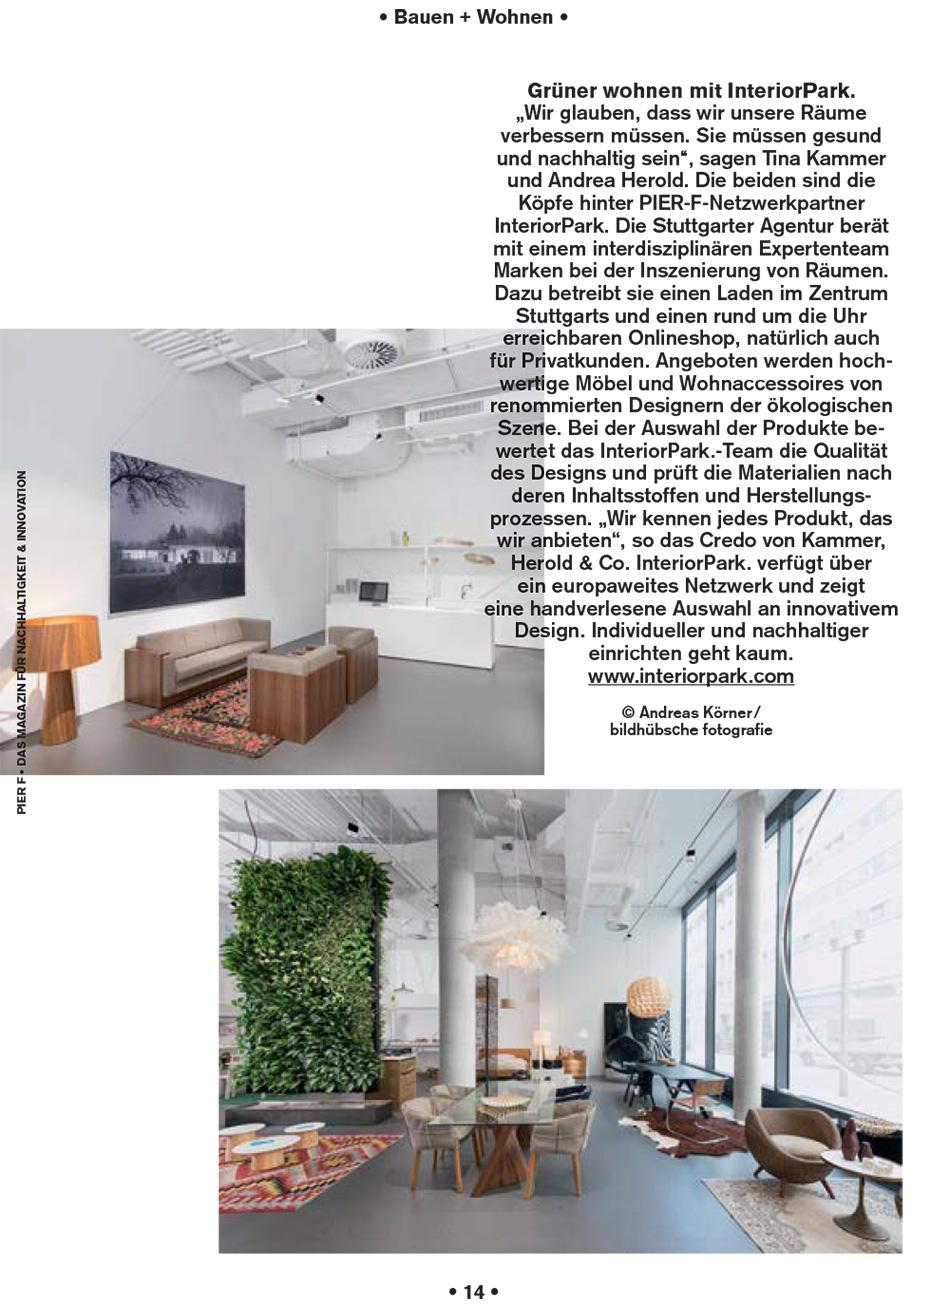 Pier F Magazin über InteriorPark.